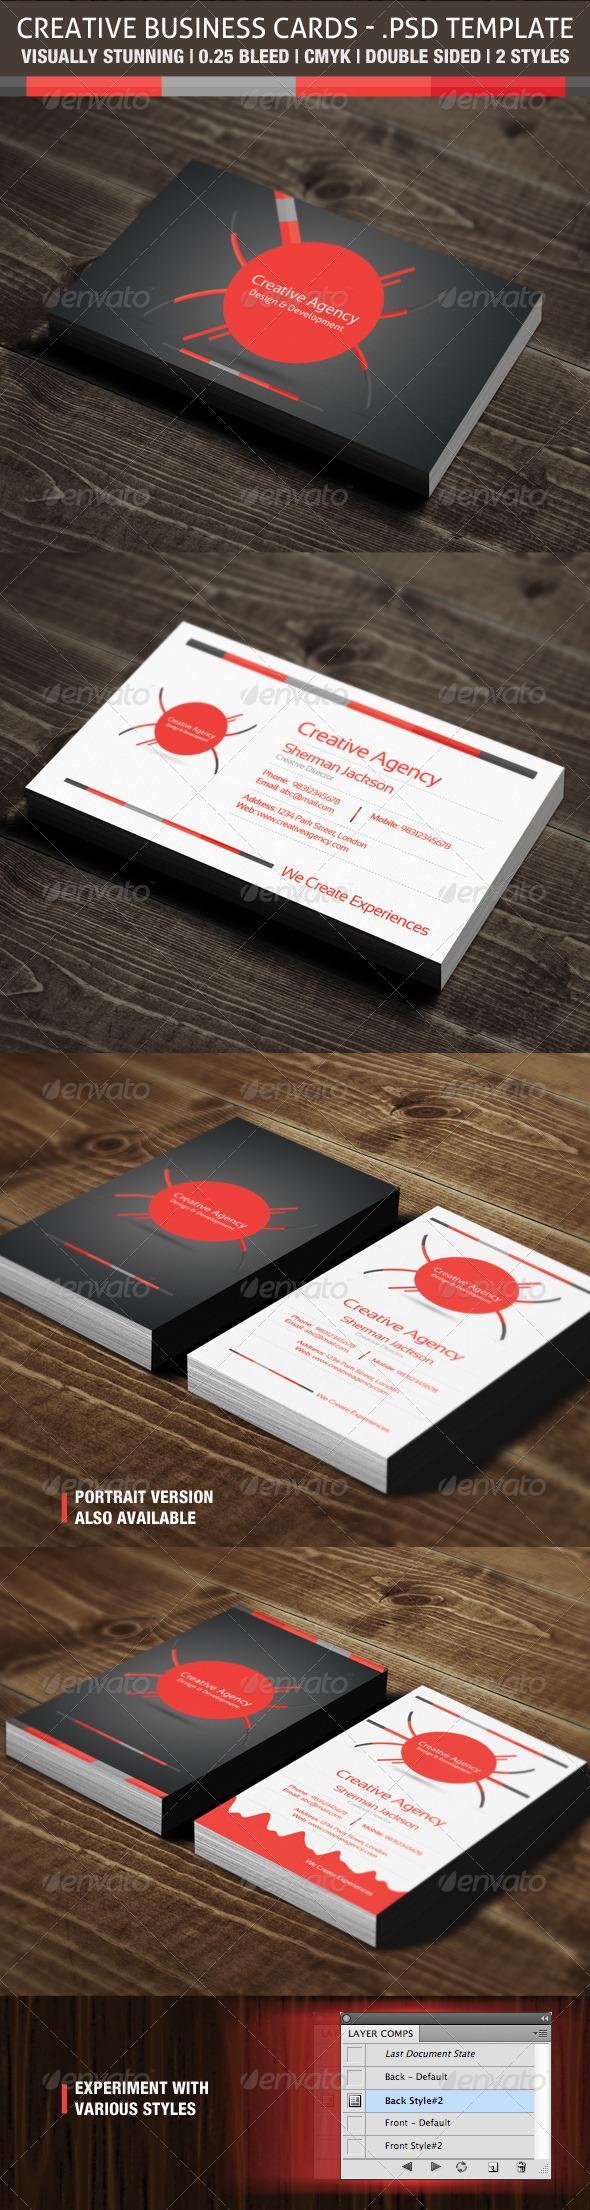 40 Most Impressive Business Cards Design